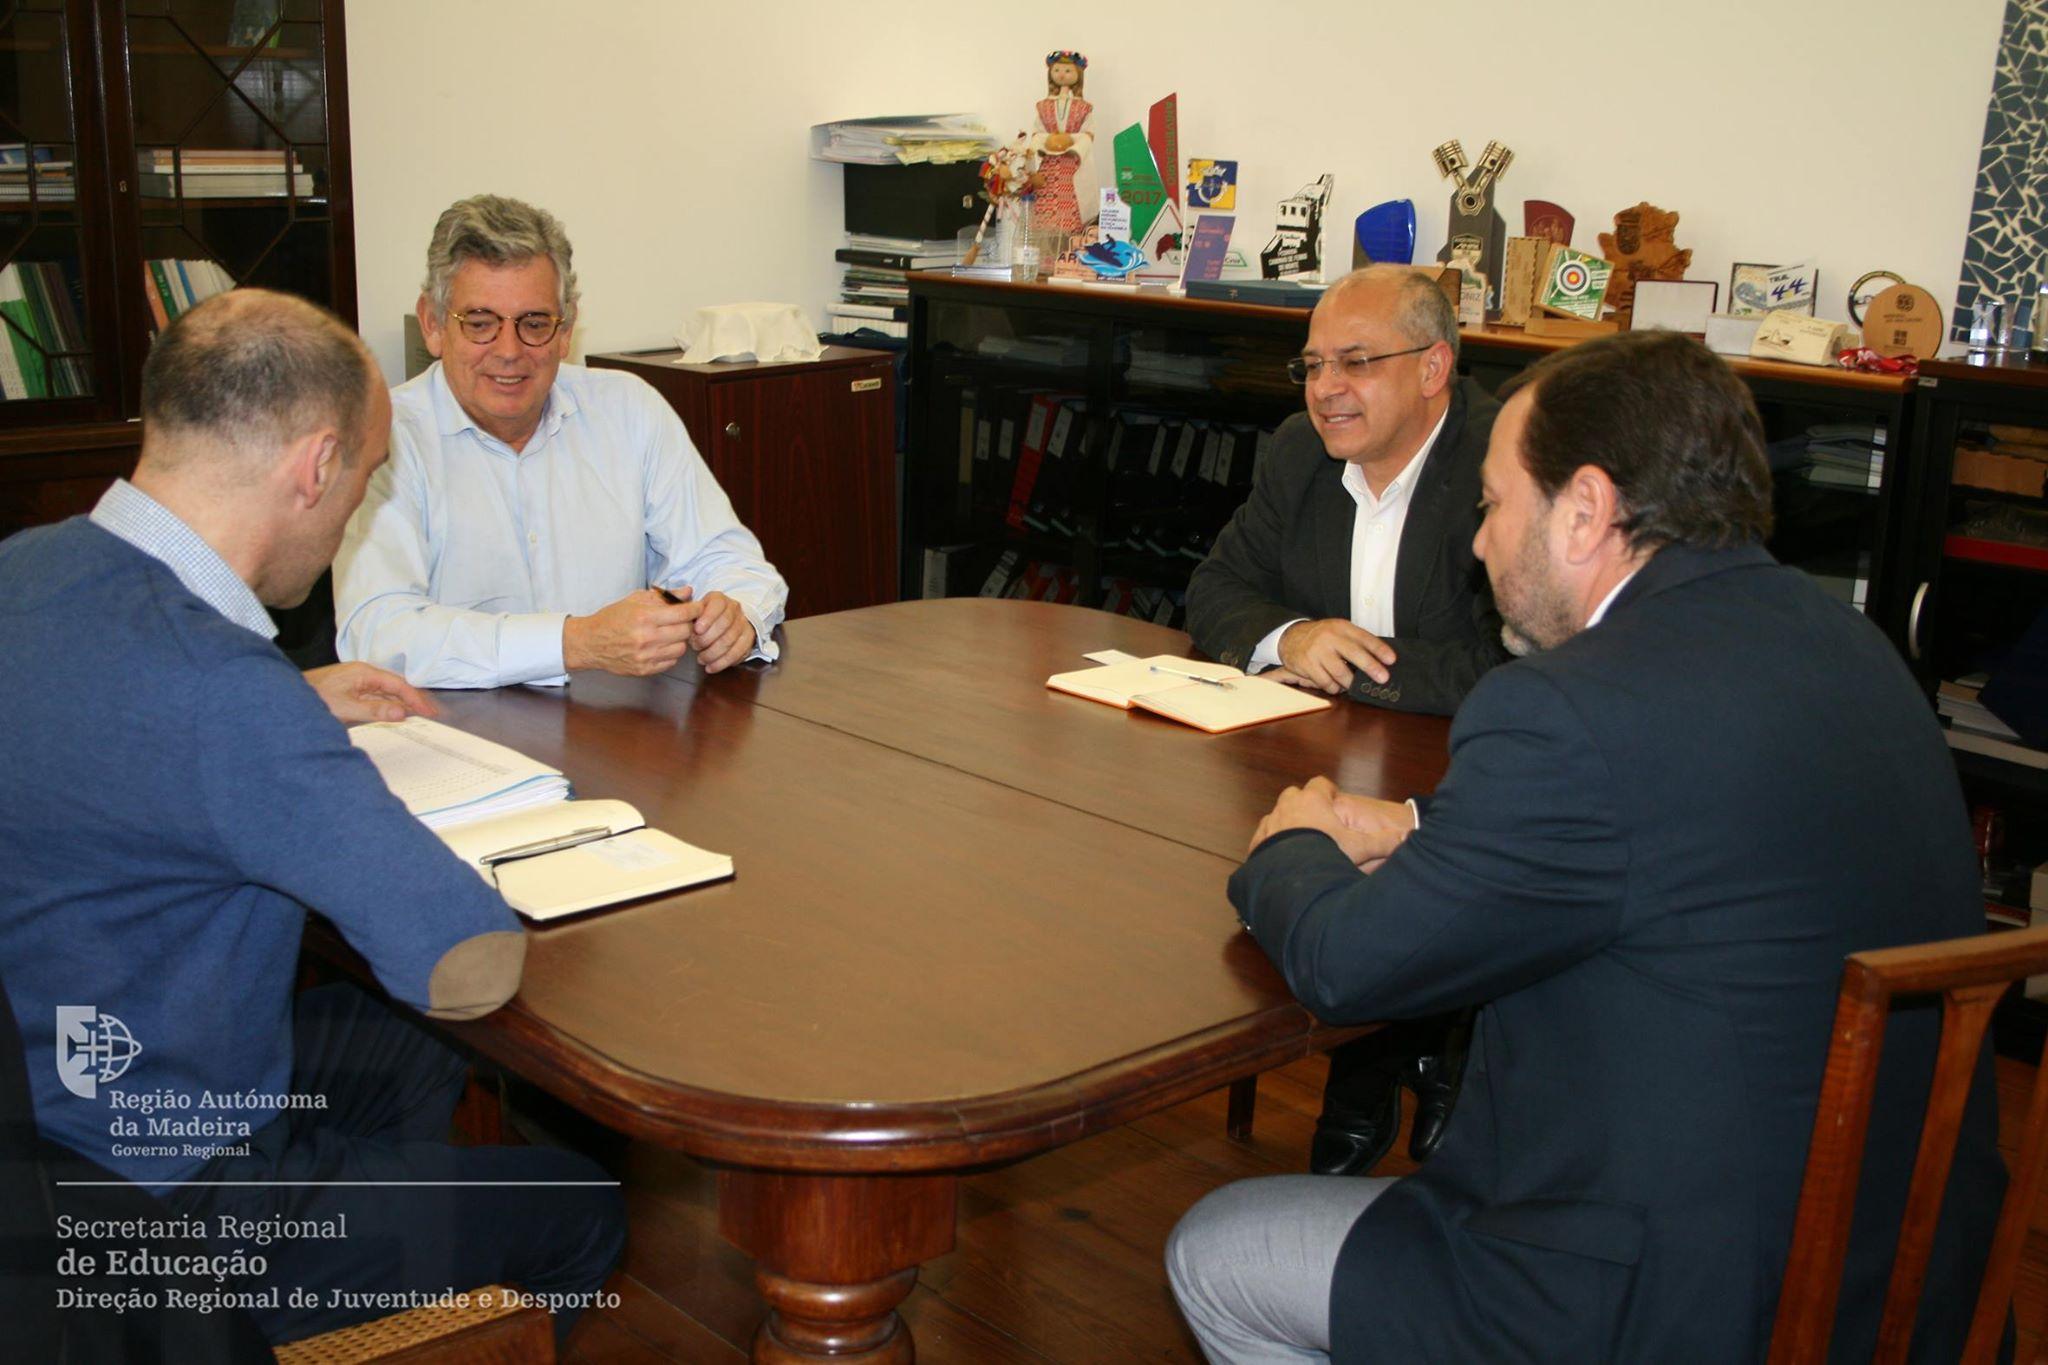 Direção Regional de Juventude e Desporto reuniu com o Presidente da Federação Portuguesa de Patinagem